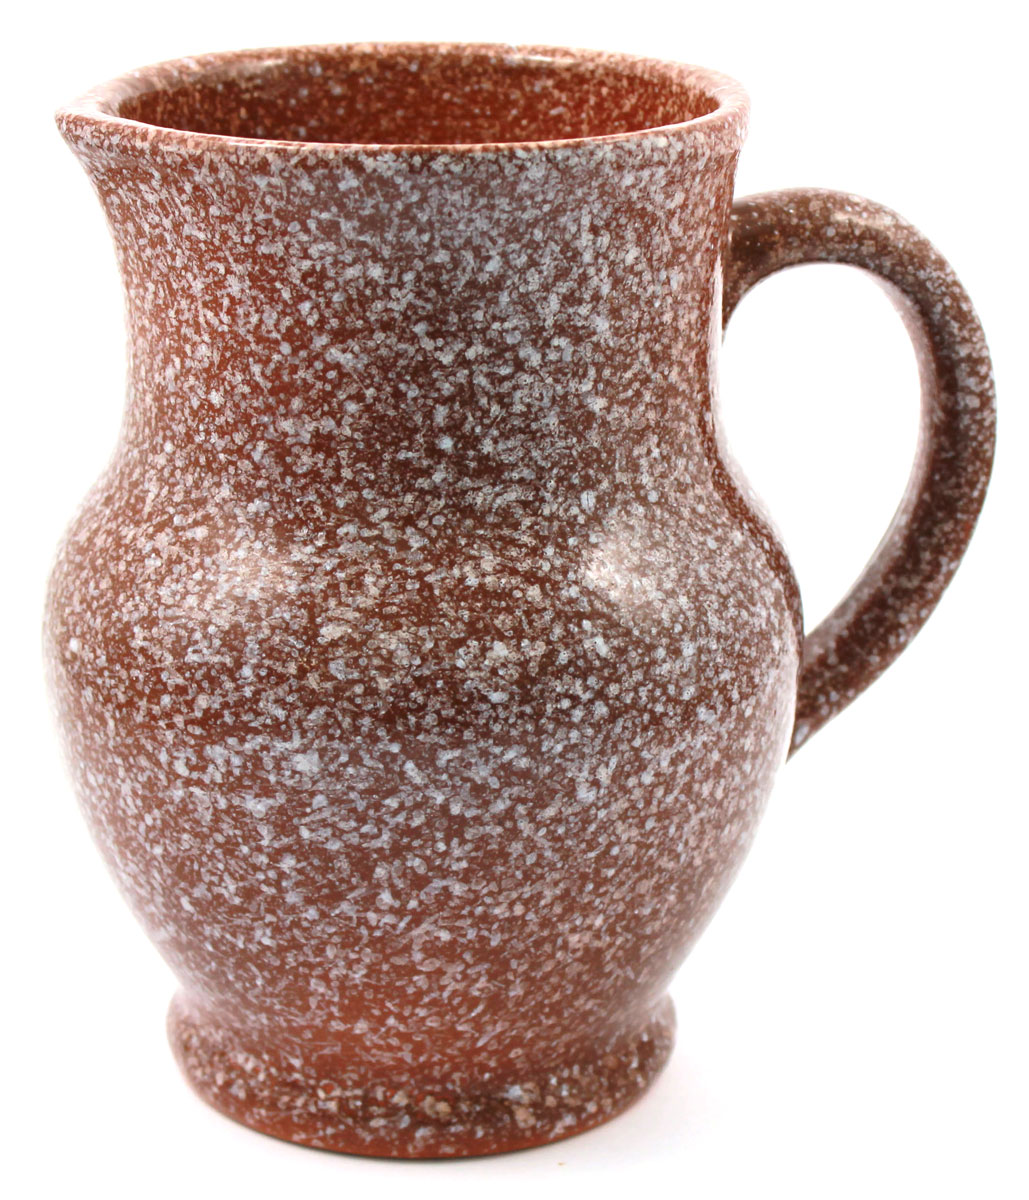 """Кувшин """"Ломоносовская керамика"""" изготовлен из высококачественной глины и  оснащен удобной ручкой. Прекрасно подходит для подачи воды, сока, компота и  других напитков.  Изящный кувшин красиво оформит стол и порадует вас элегантным дизайном и  простотой ухода.   Диаметр: 16 см. Высота: 17,5 см."""